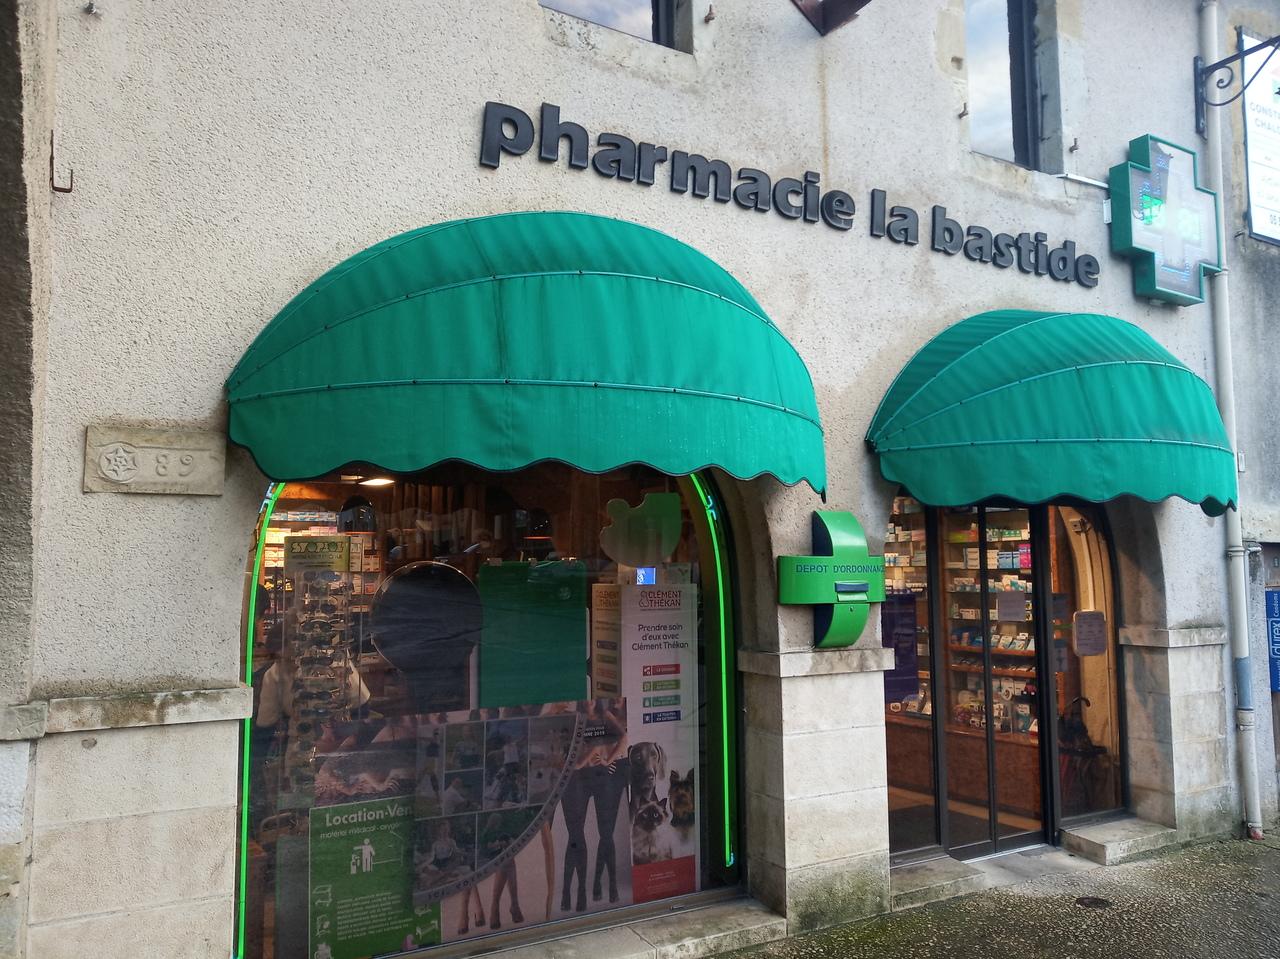 Pharmacie.resized.jpg